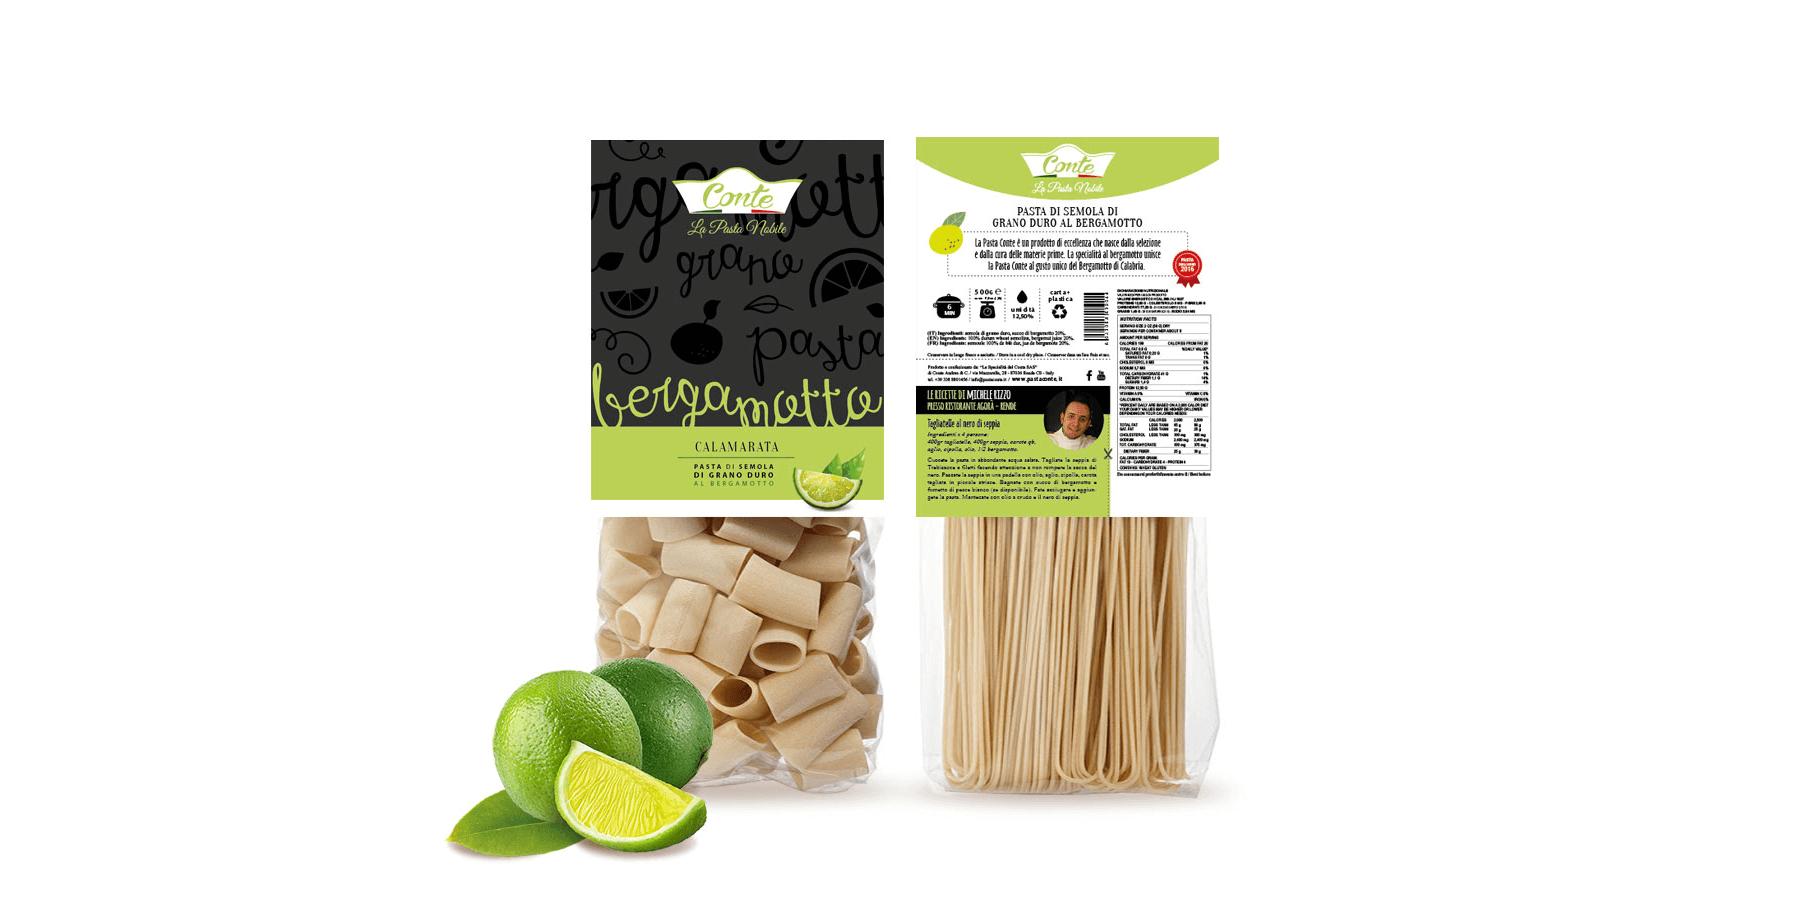 Studio La Regina - pasta aromatizzata Conte al bergamotto